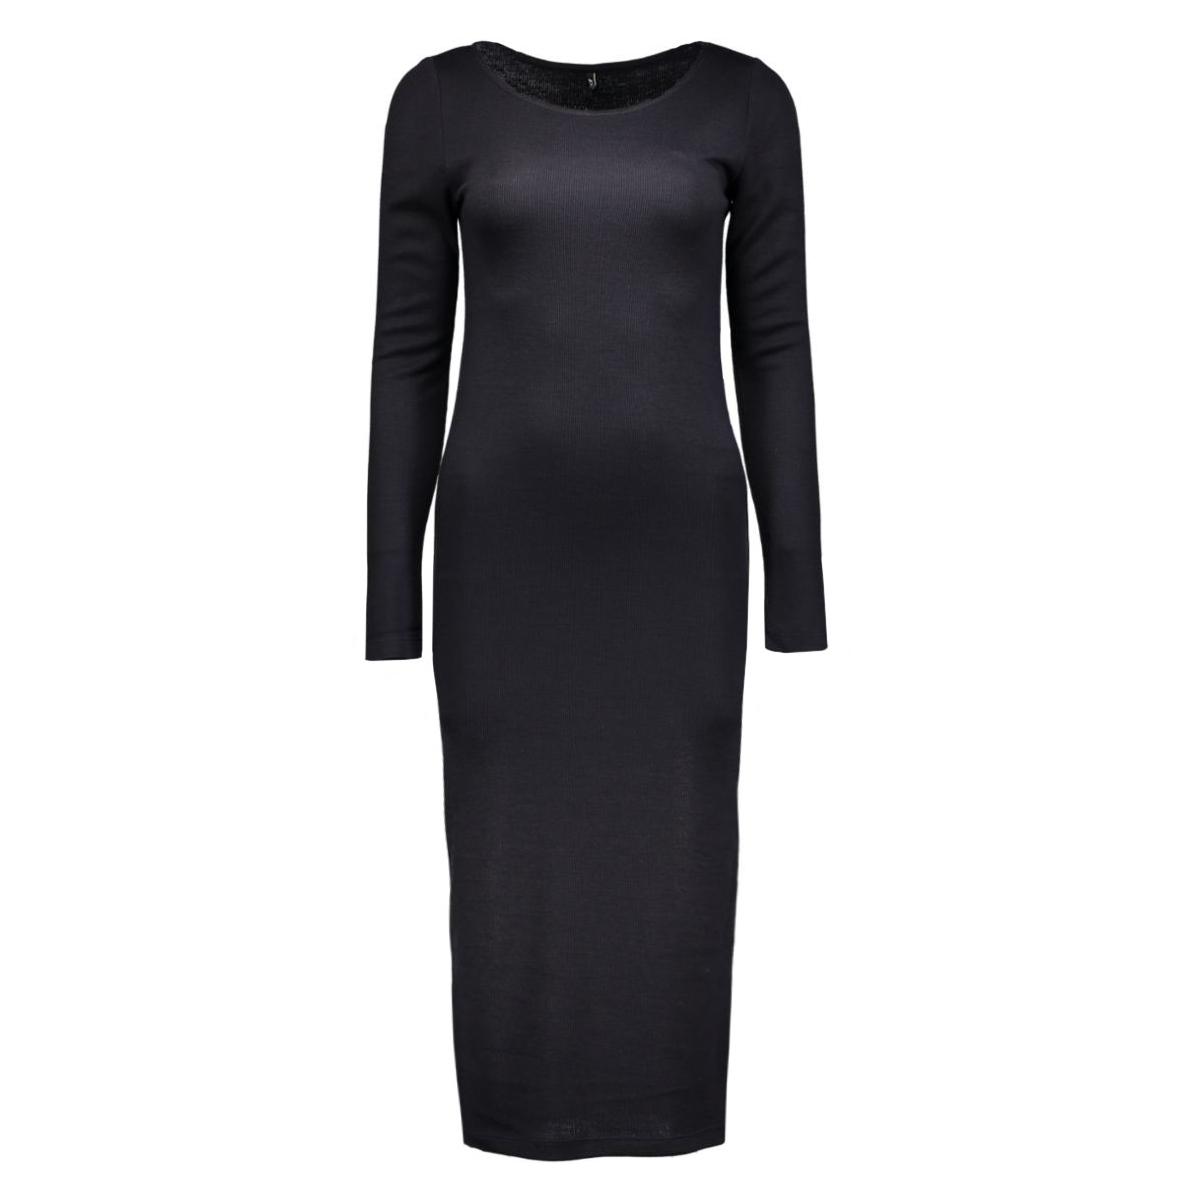 onlnew brooks l/s calf dress ess 15125079 only jurk night sky